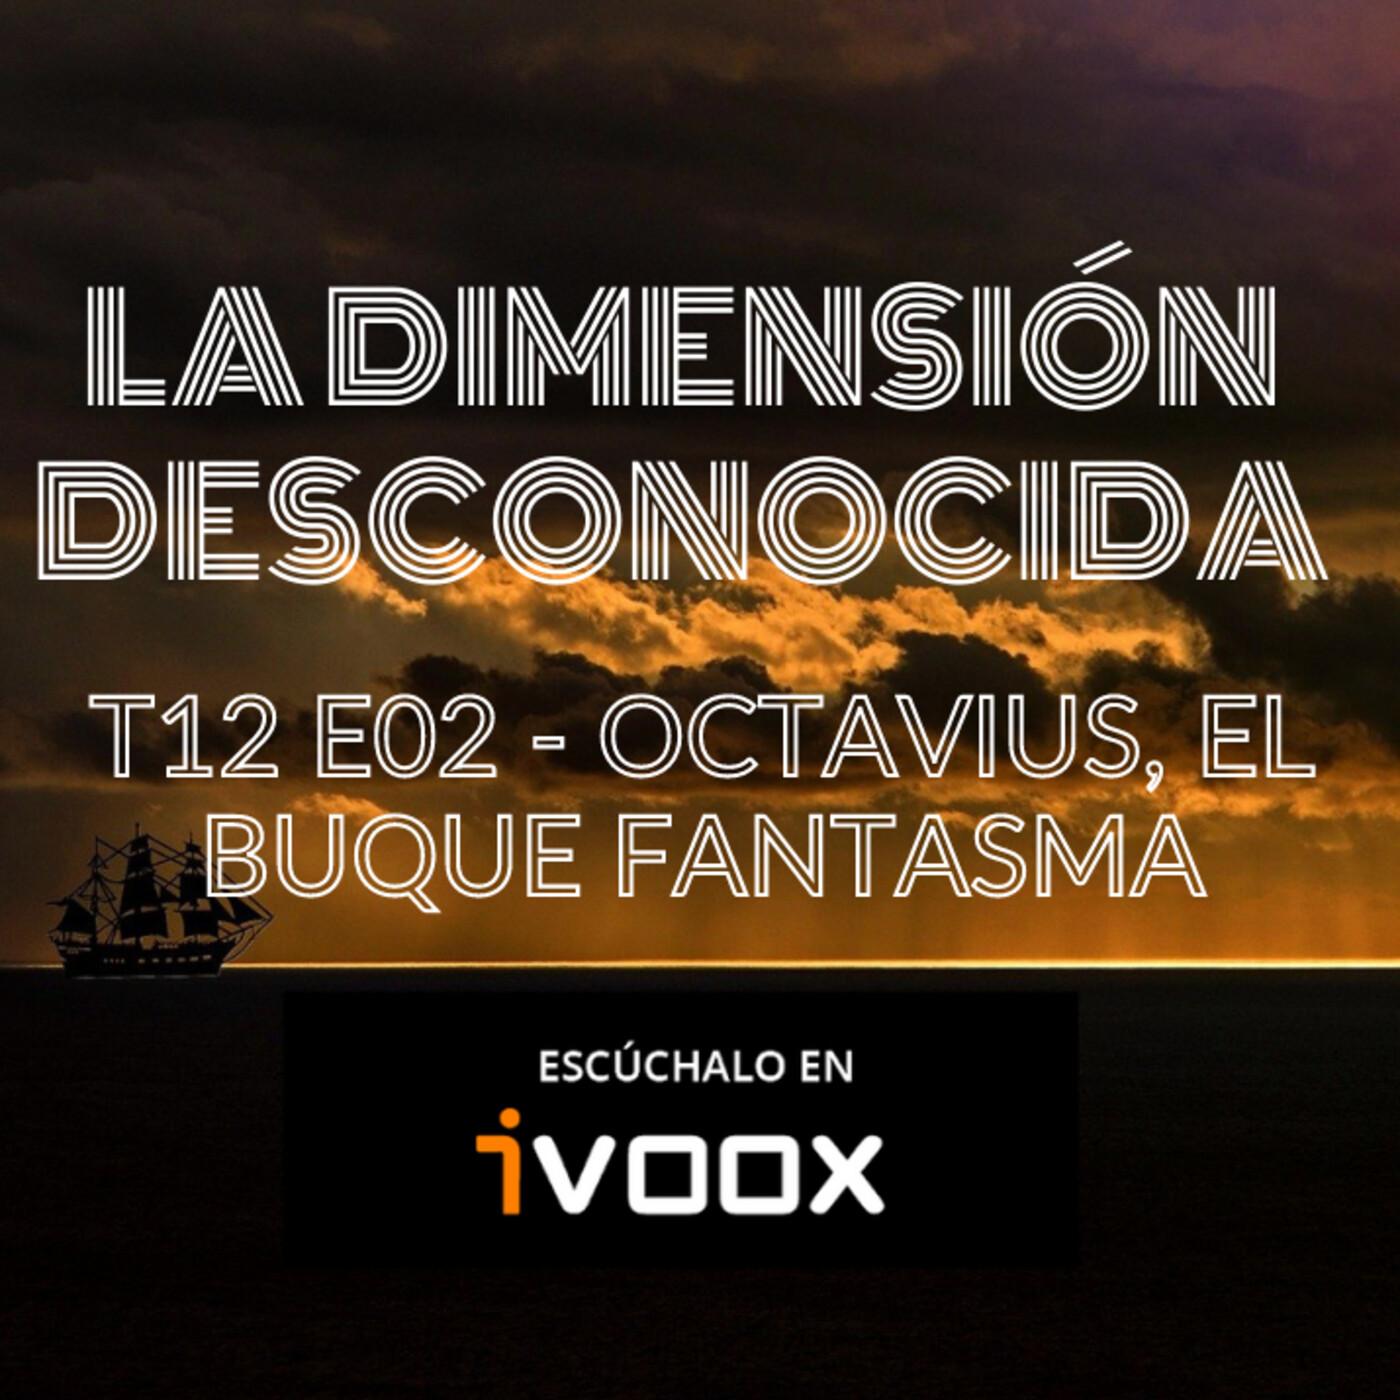 LA DIMENSIÓN DESCONOCIDA T12P02- Octavius, el buque fantasma - Programa 198 - Episodio exclusivo para mecenas